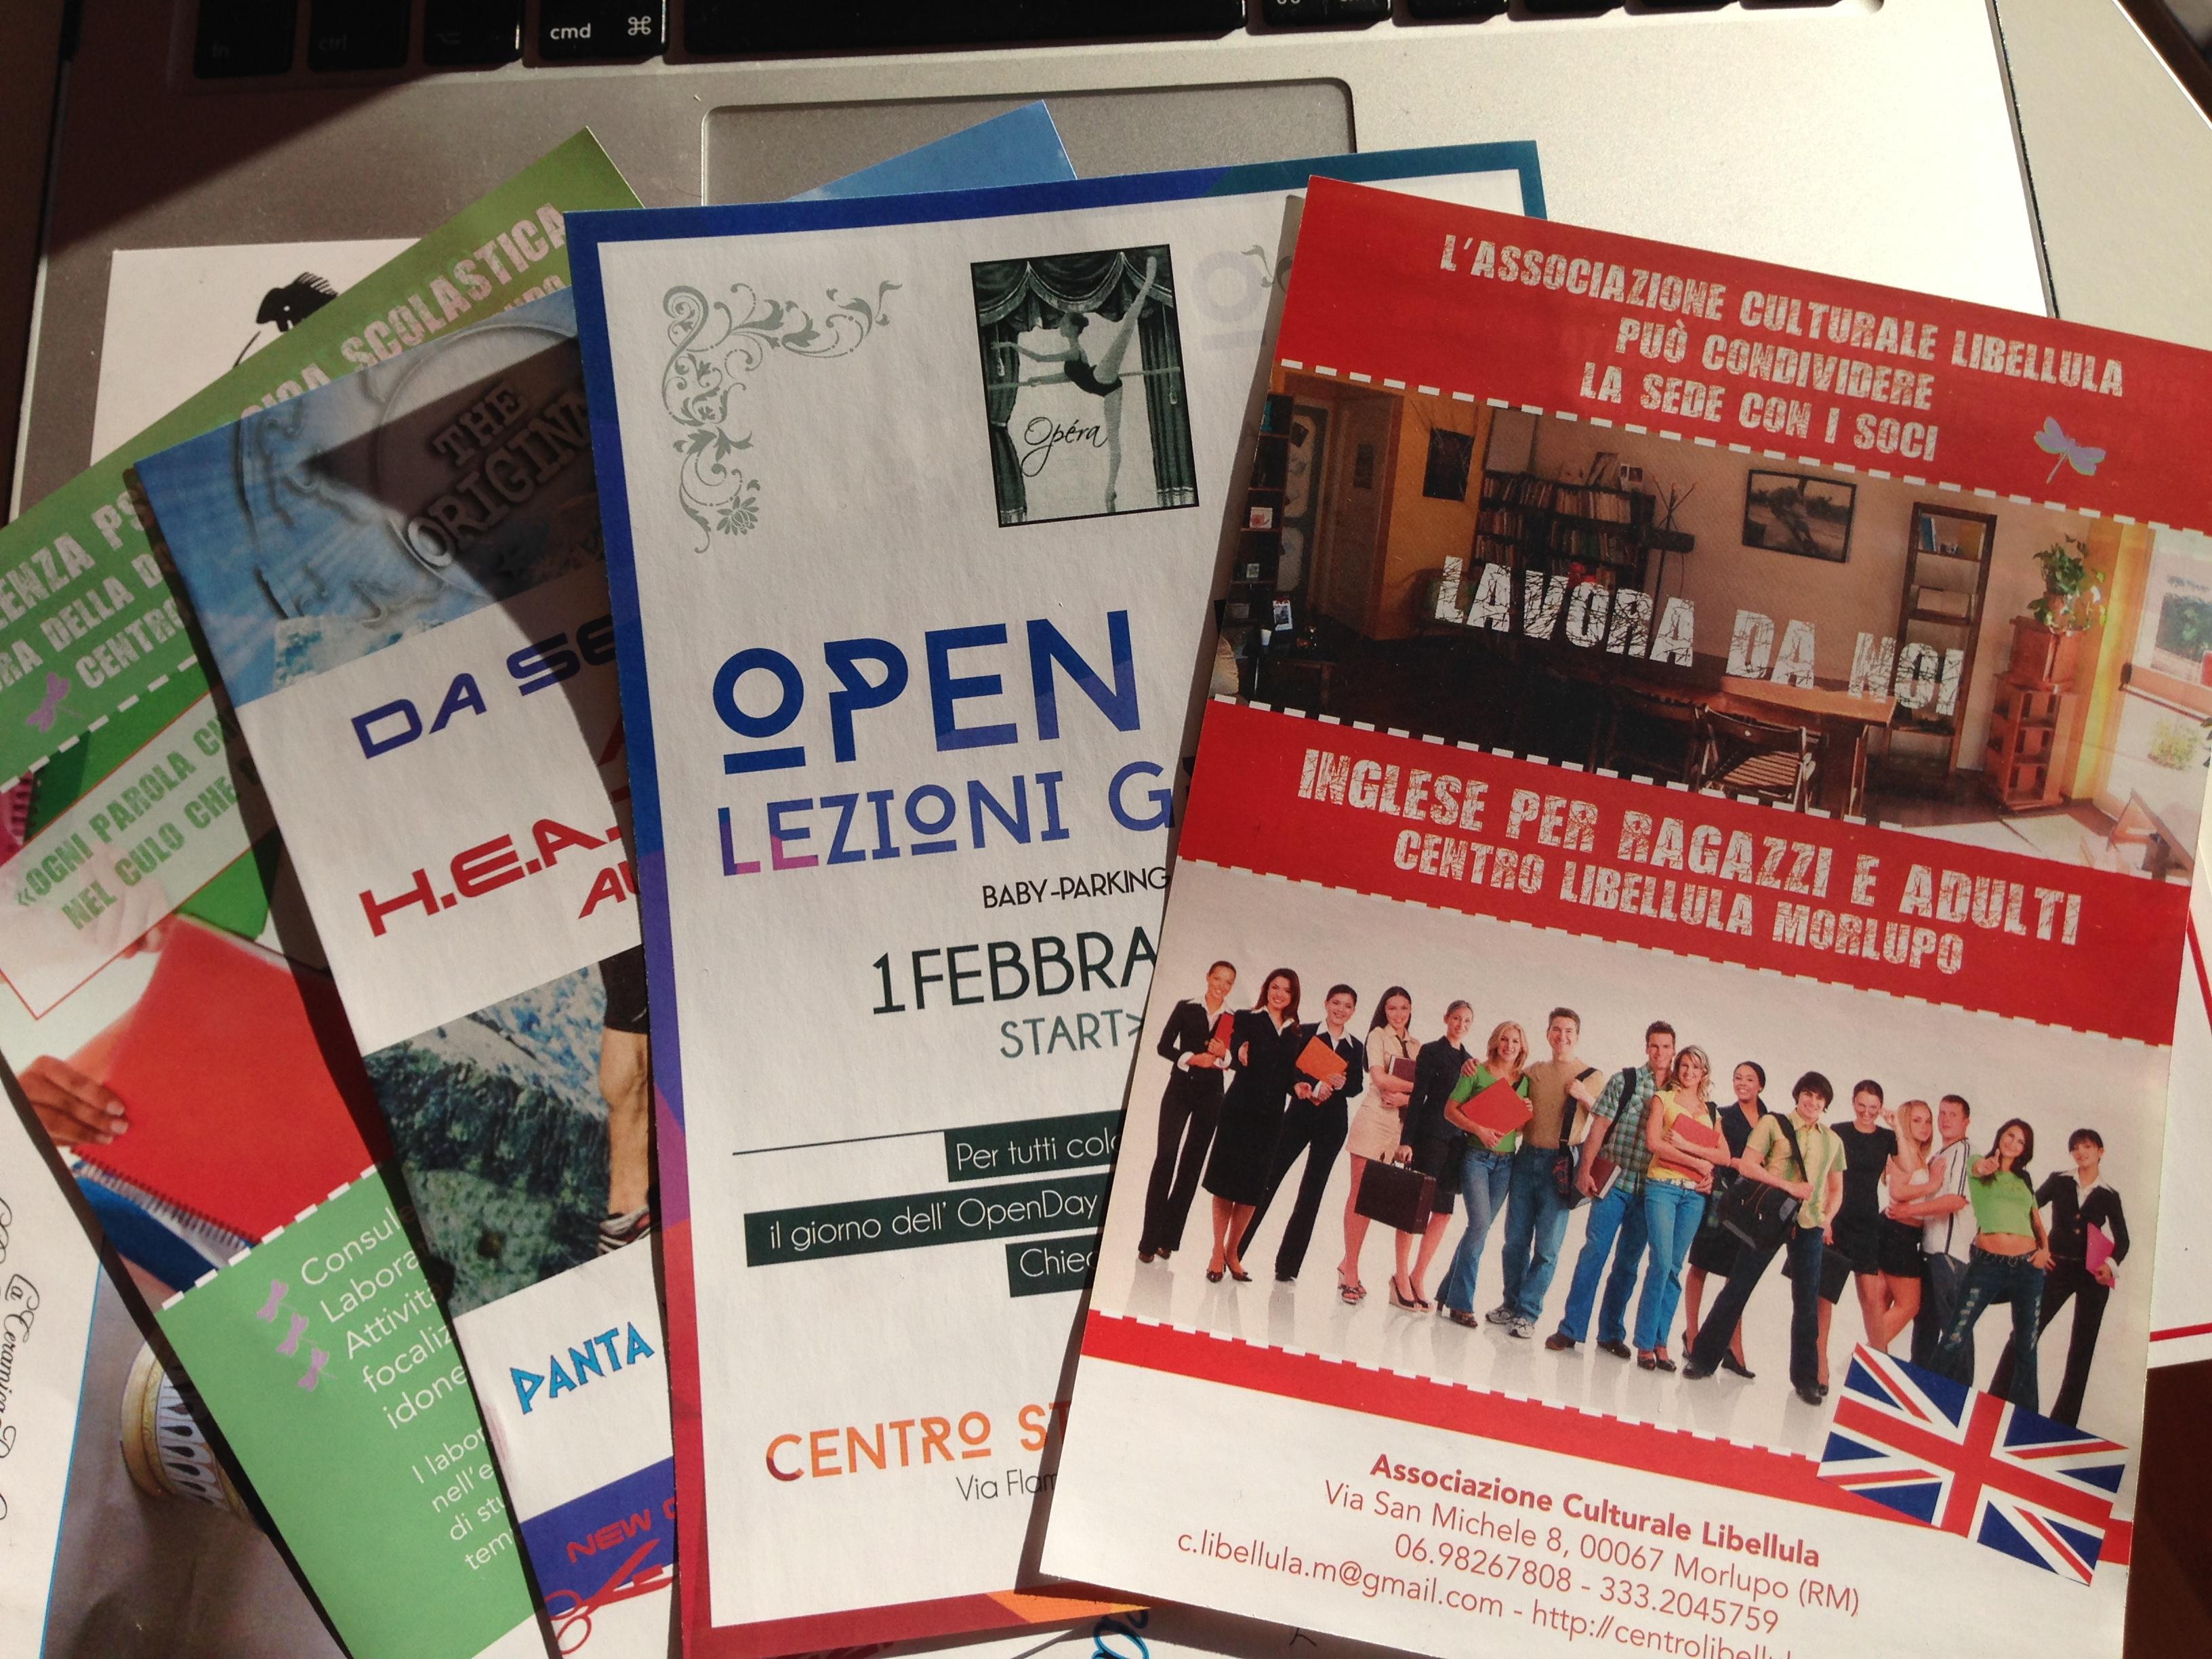 Publicity flyers